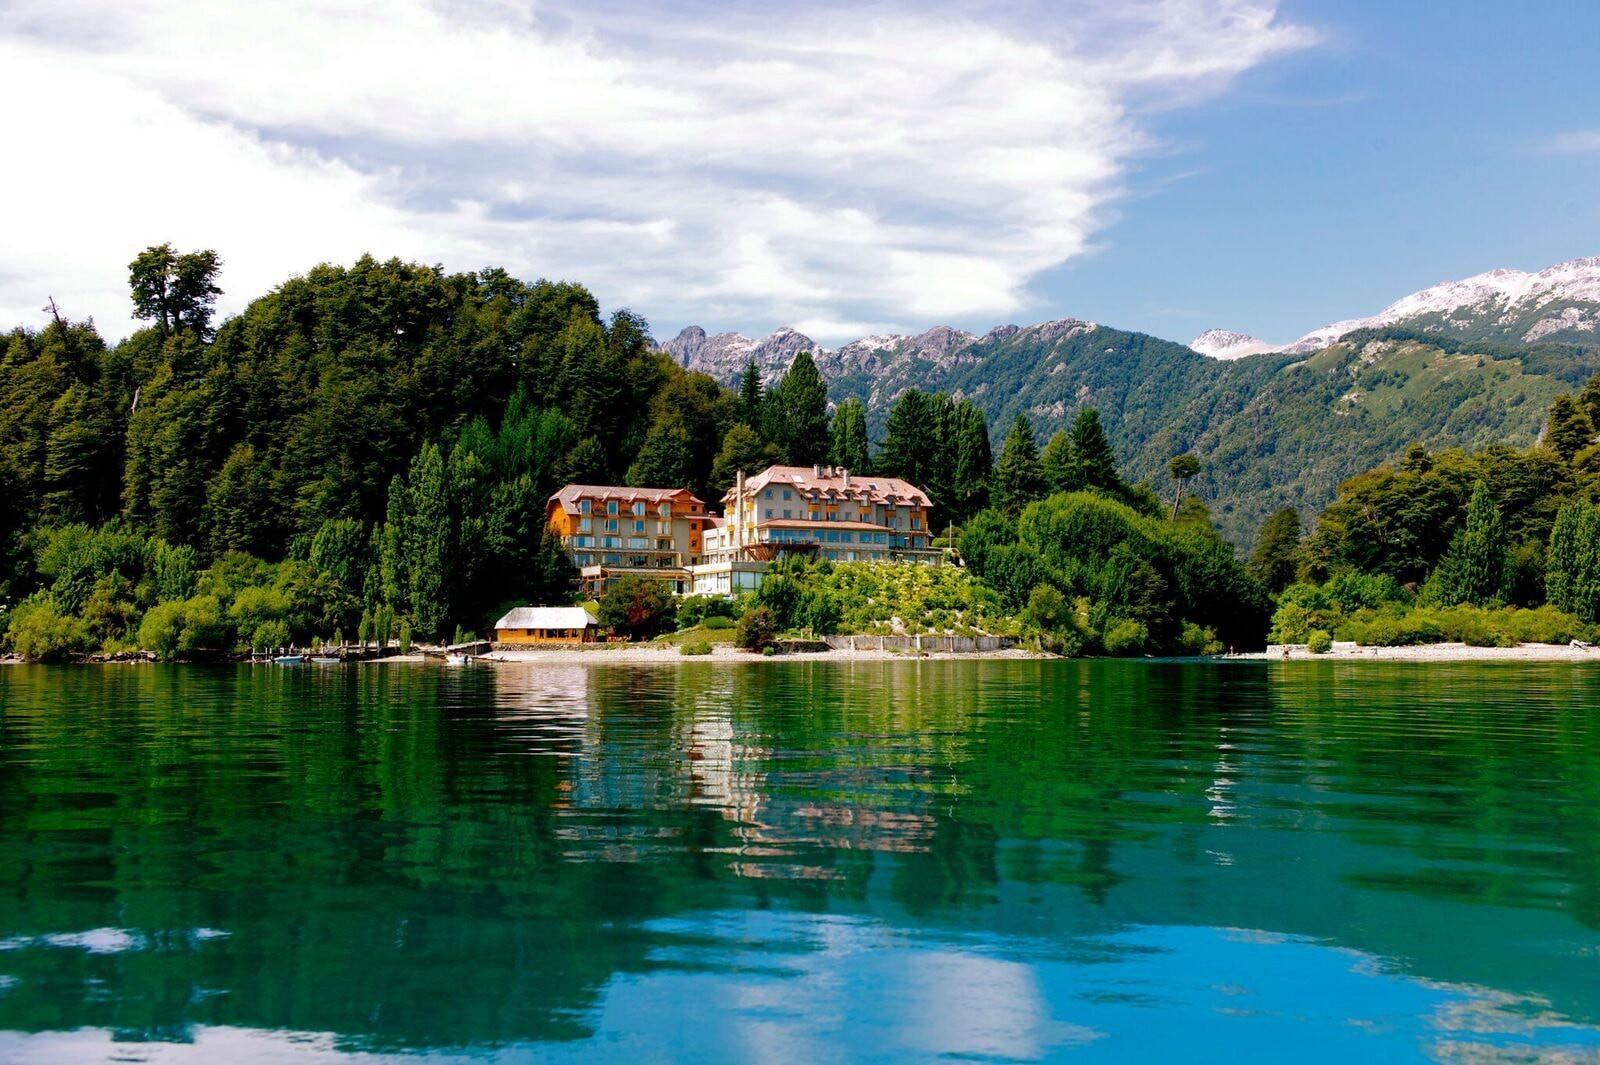 Correntoso Lake and River Hotel, Bariloche